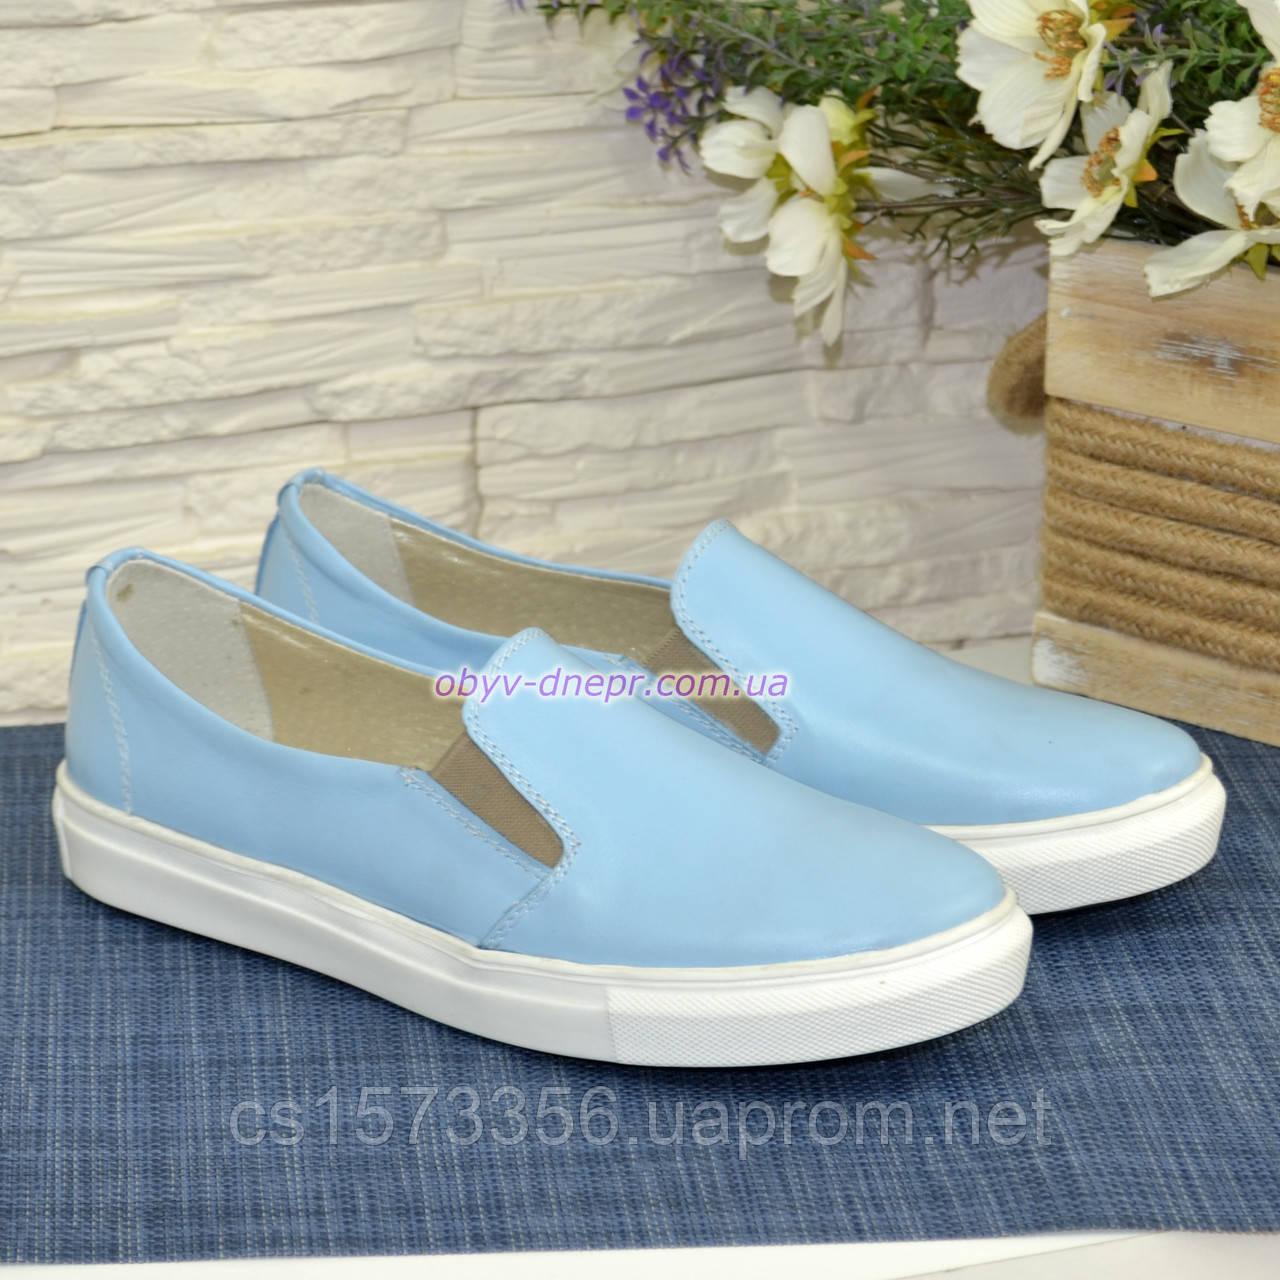 Туфли женские на утолщенной белой подошве из натуральной голубой кожи